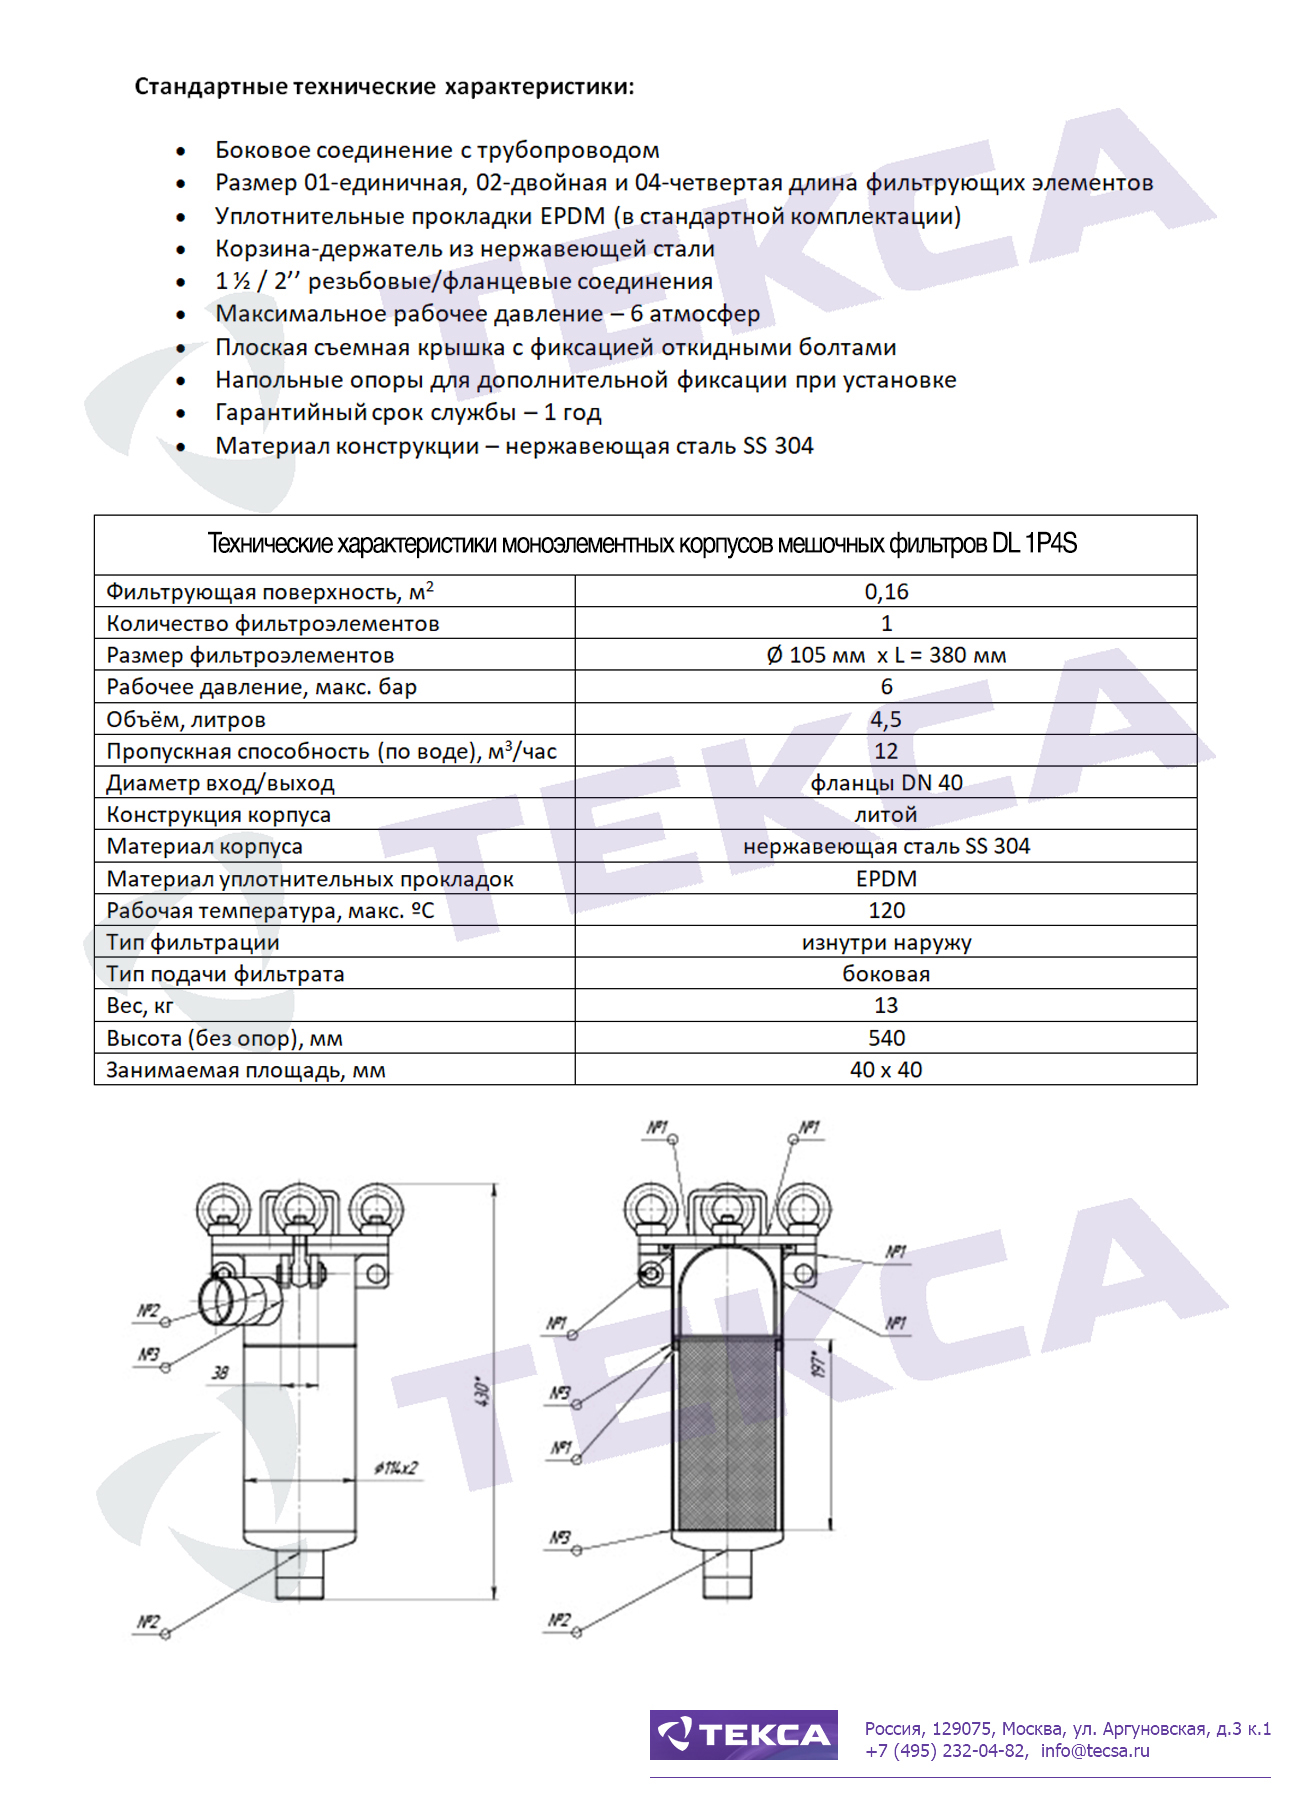 Технические характеристики моноэлементных корпусов мешочных фильтров серии DL модель 1P4S